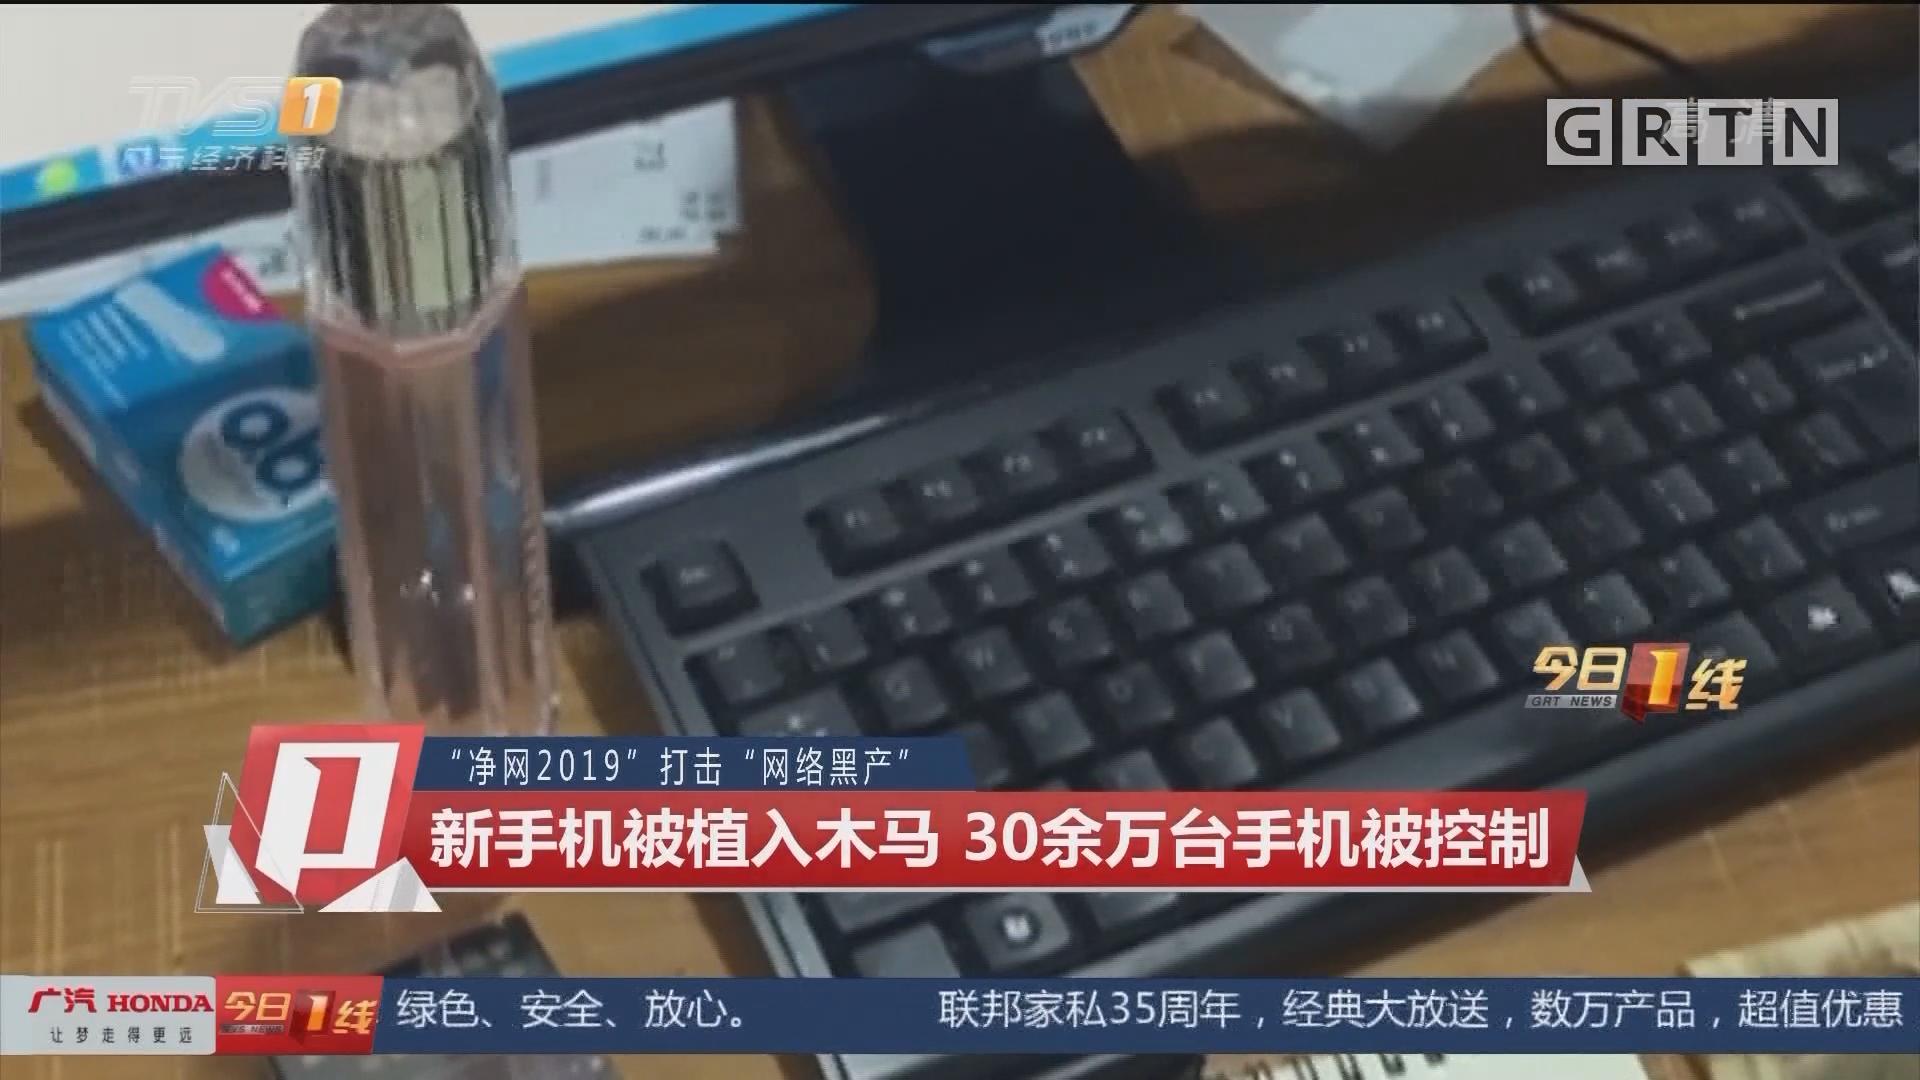 """""""净网2019""""打击""""网络黑产"""":新手机被植入木马 30余万台手机被控制"""